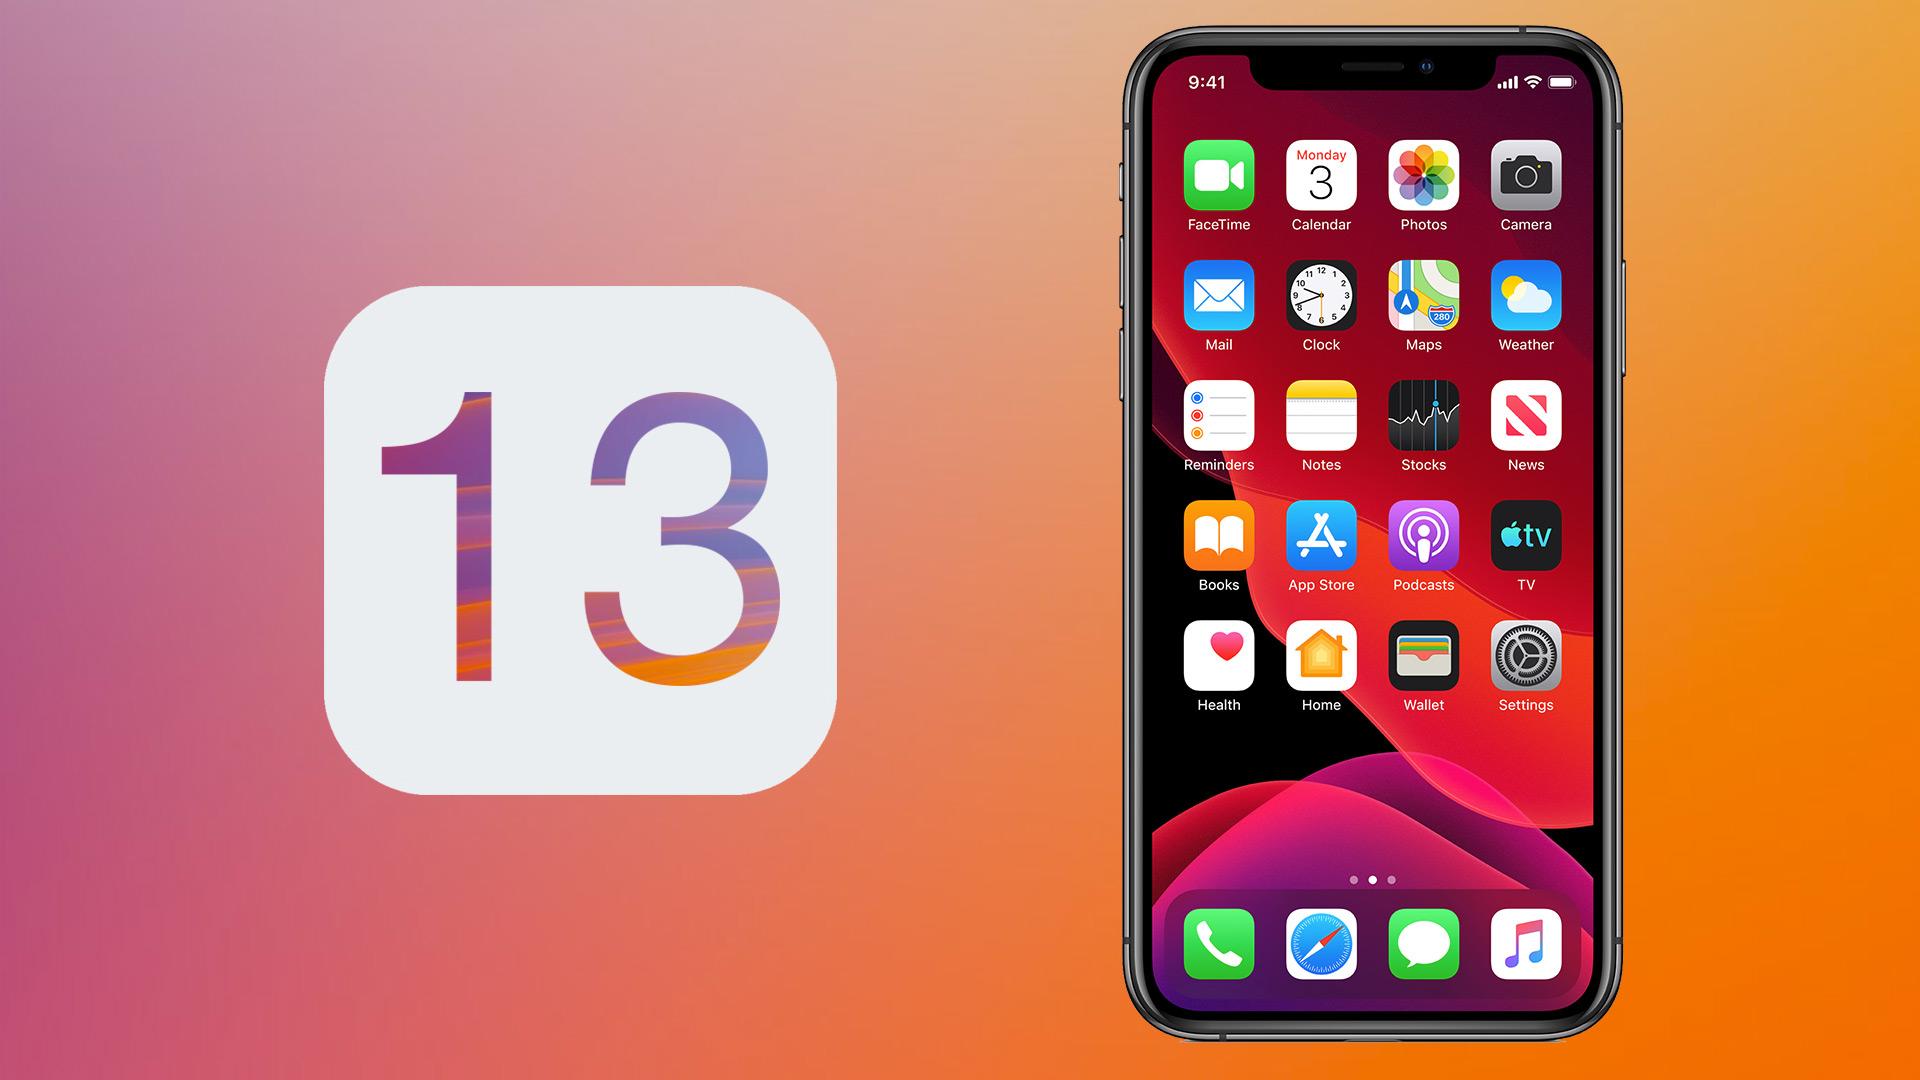 iOS 13 s'appuie sur le machine learning pour augmenter la durée de vie de la batterie